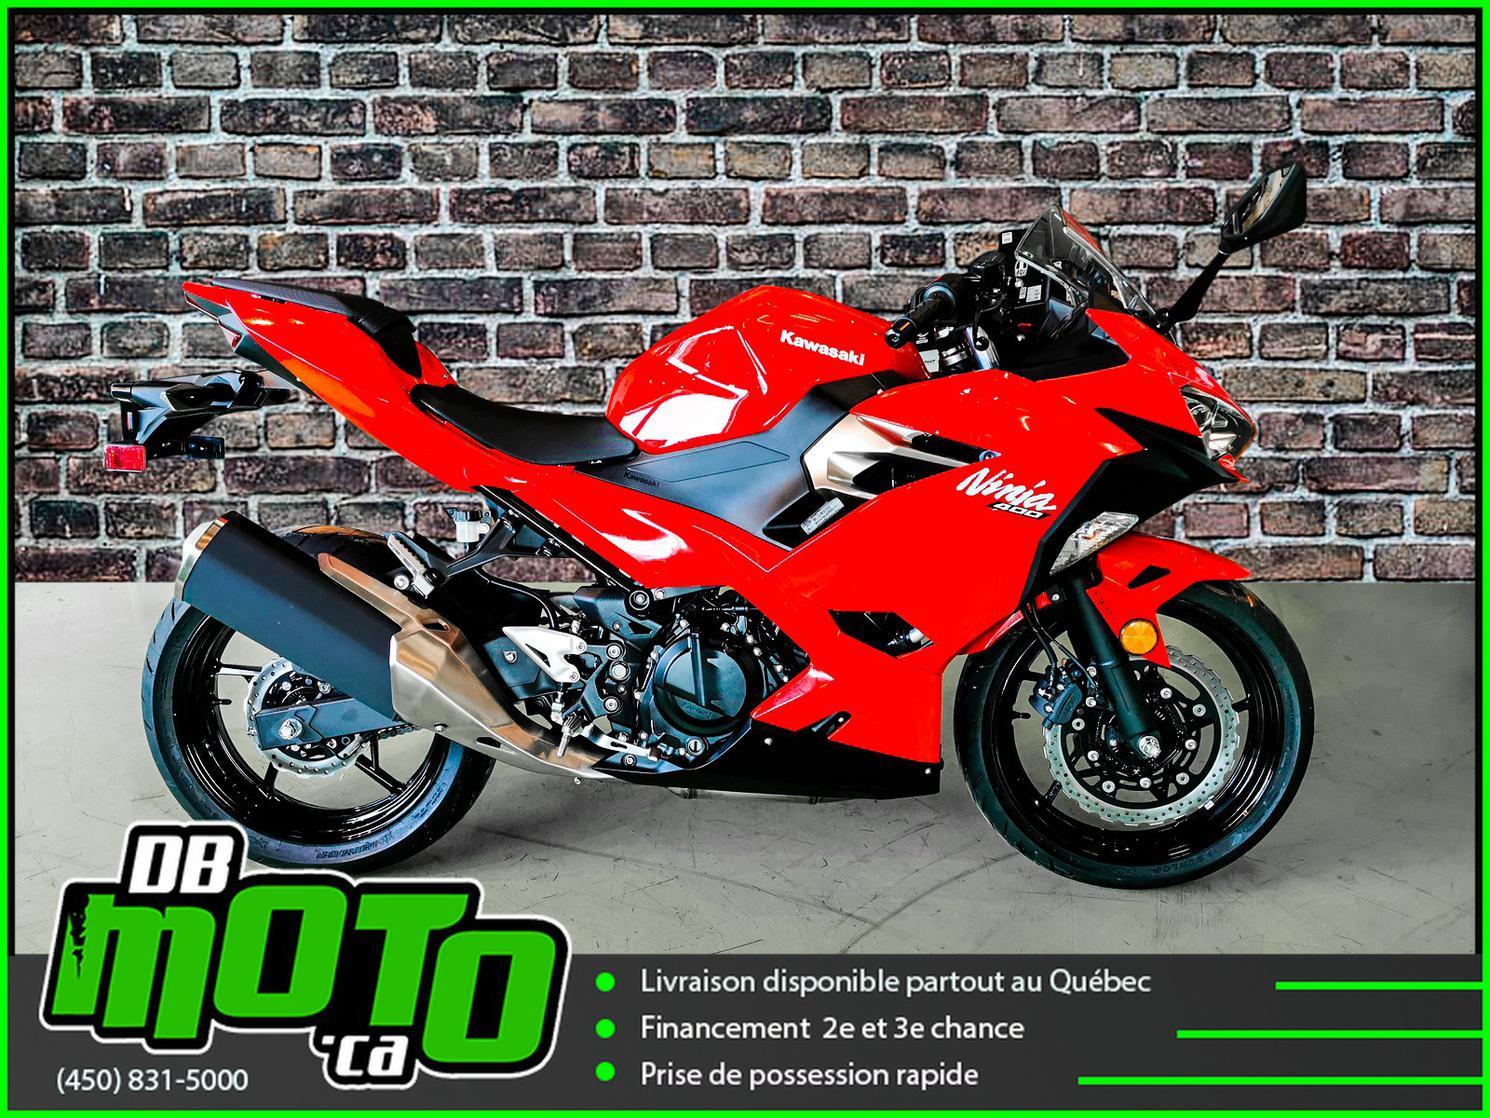 Kawasaki NINJA 400 ABS 2020 - Aucun frais cachés